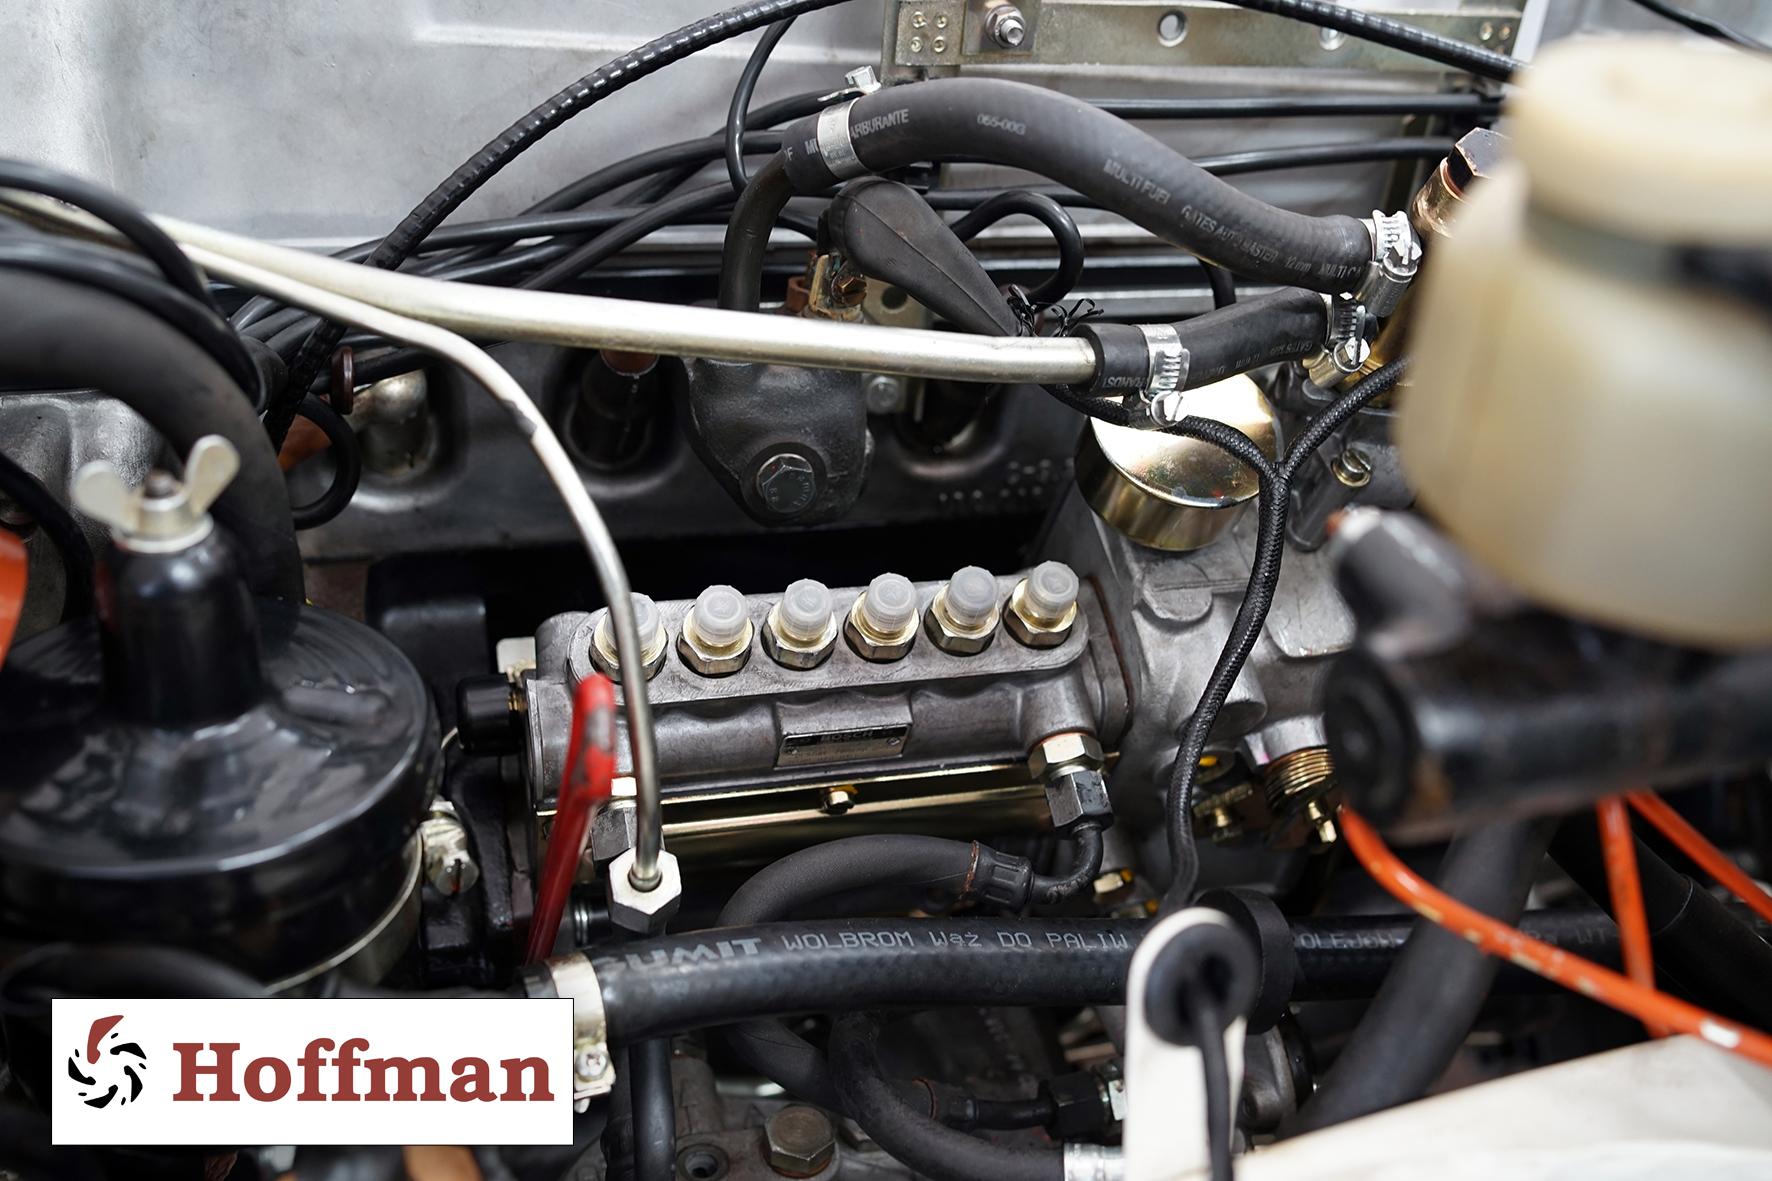 Pompa wtryskowa zamocowana w silniku Mercedesa W113